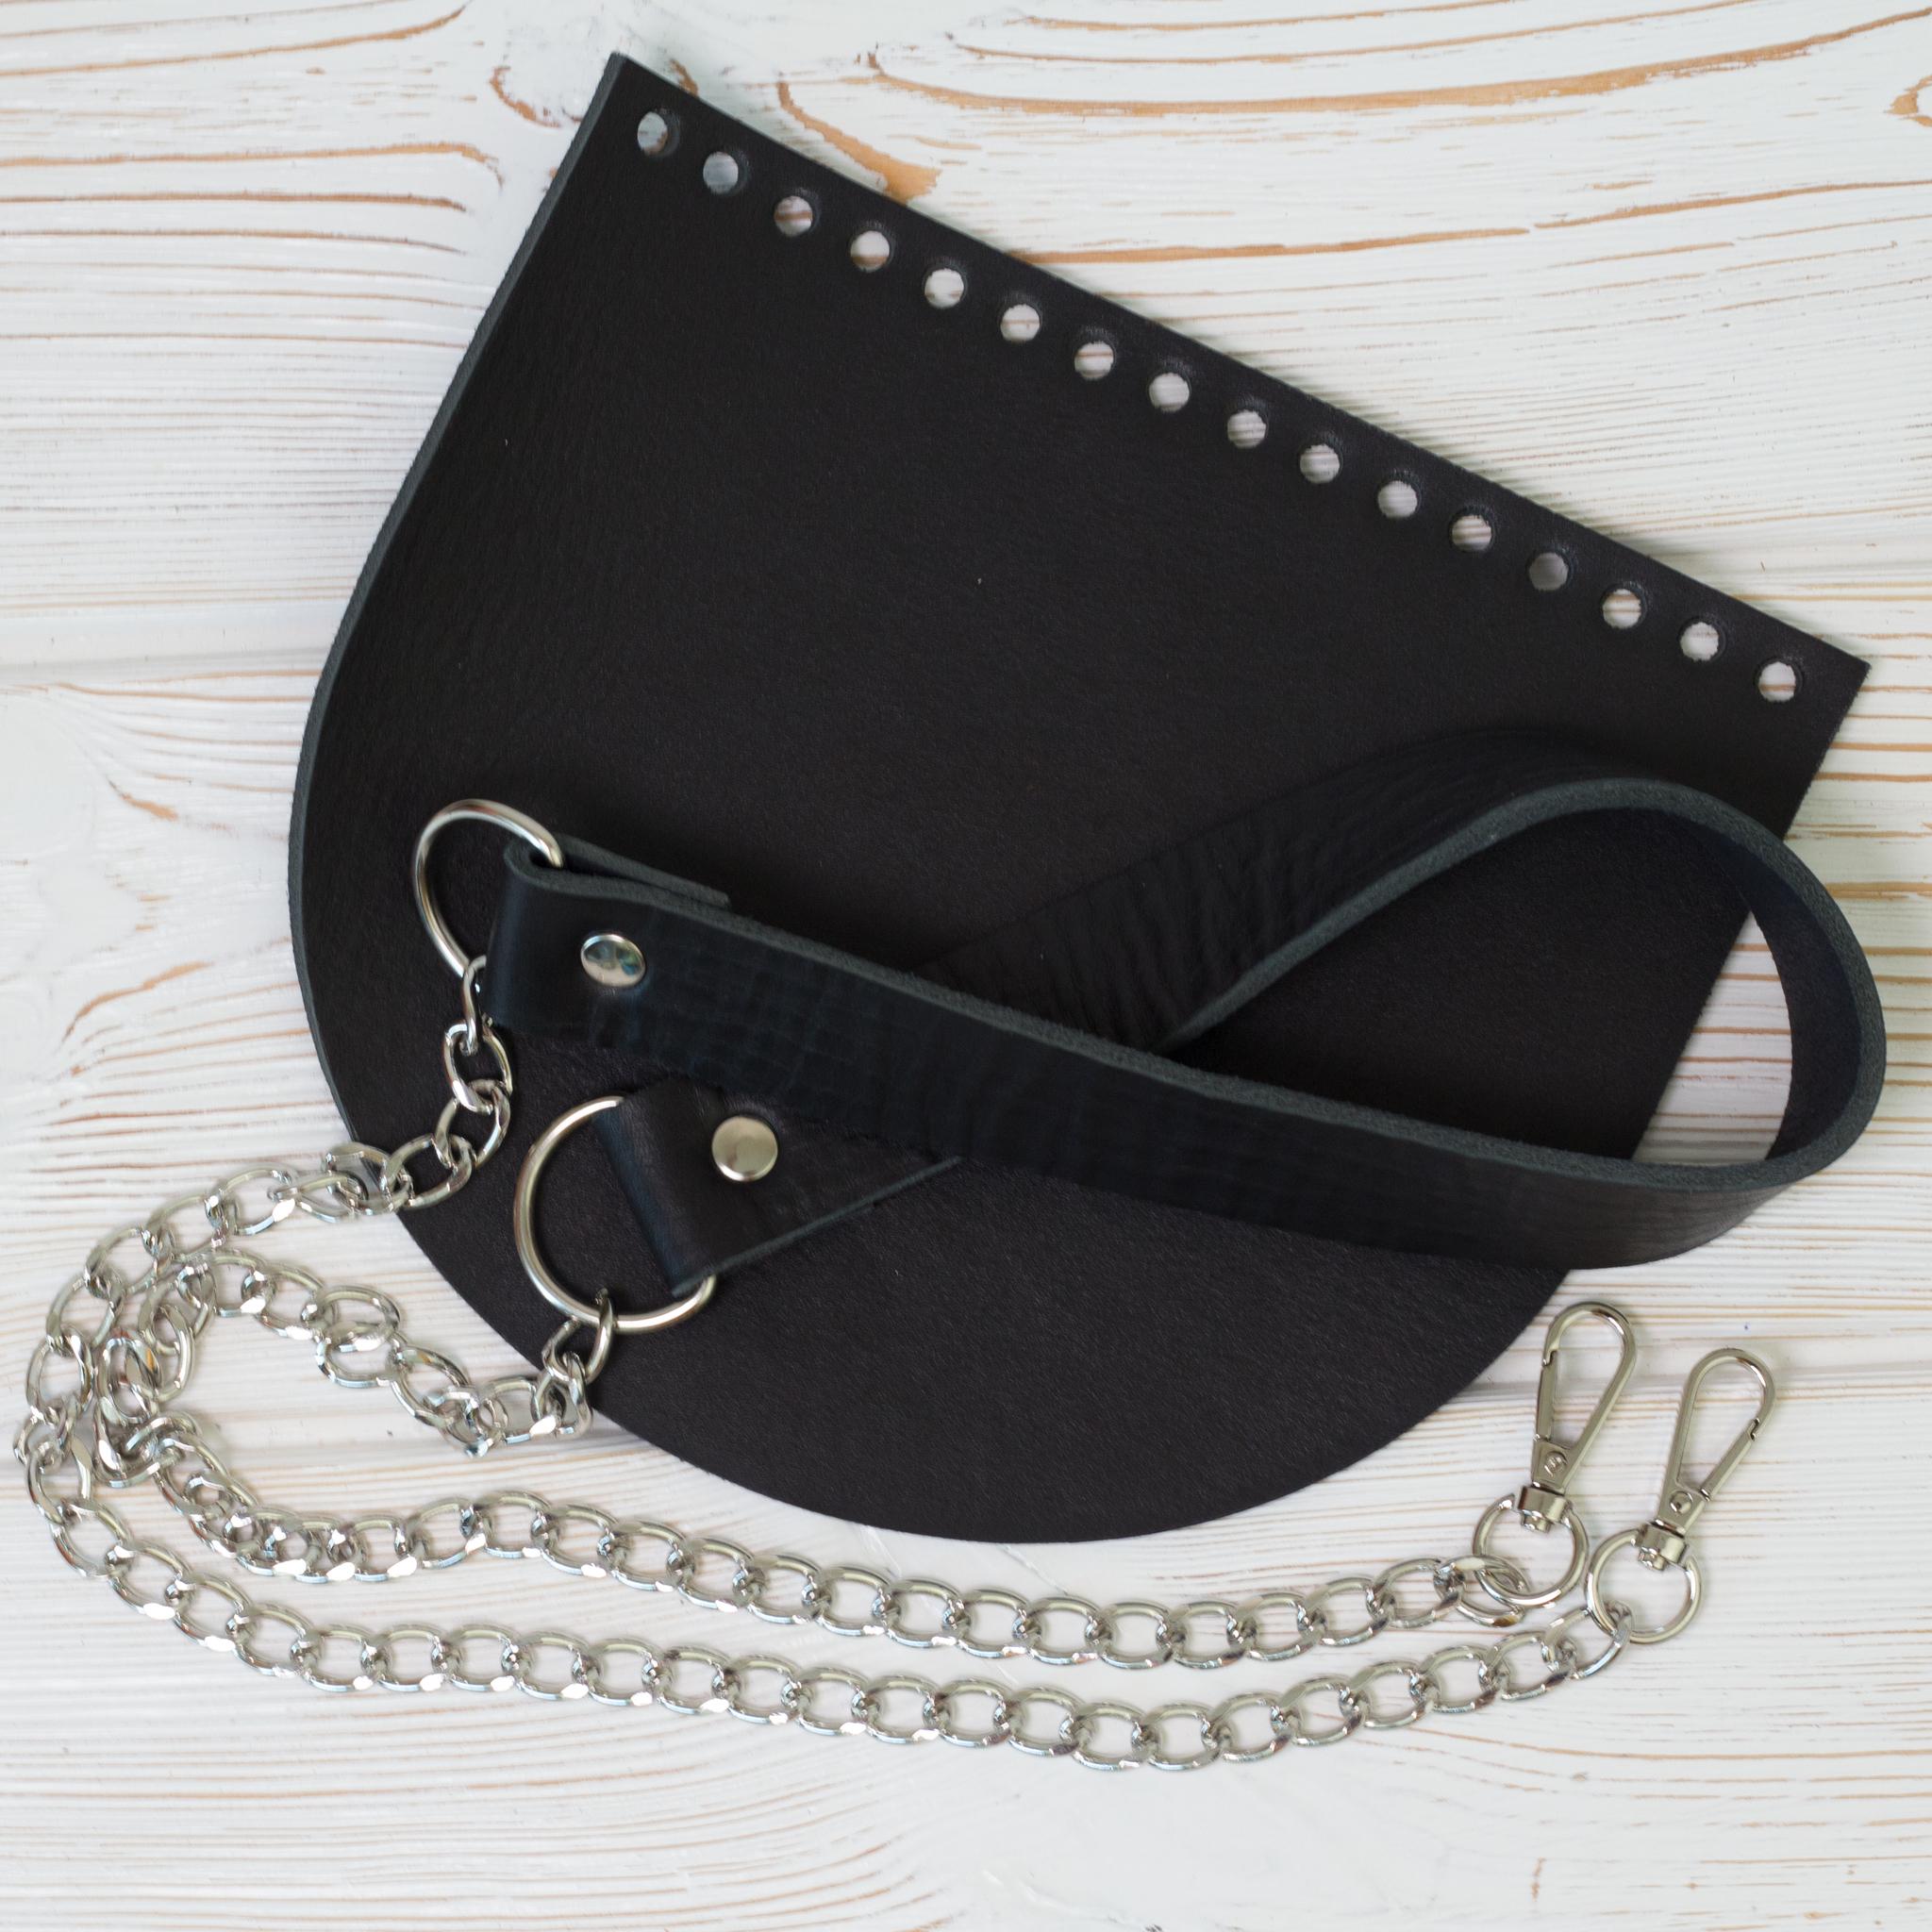 """Каталог Комплект для сумки """"Черный матовый"""" IMG_9630.jpg"""